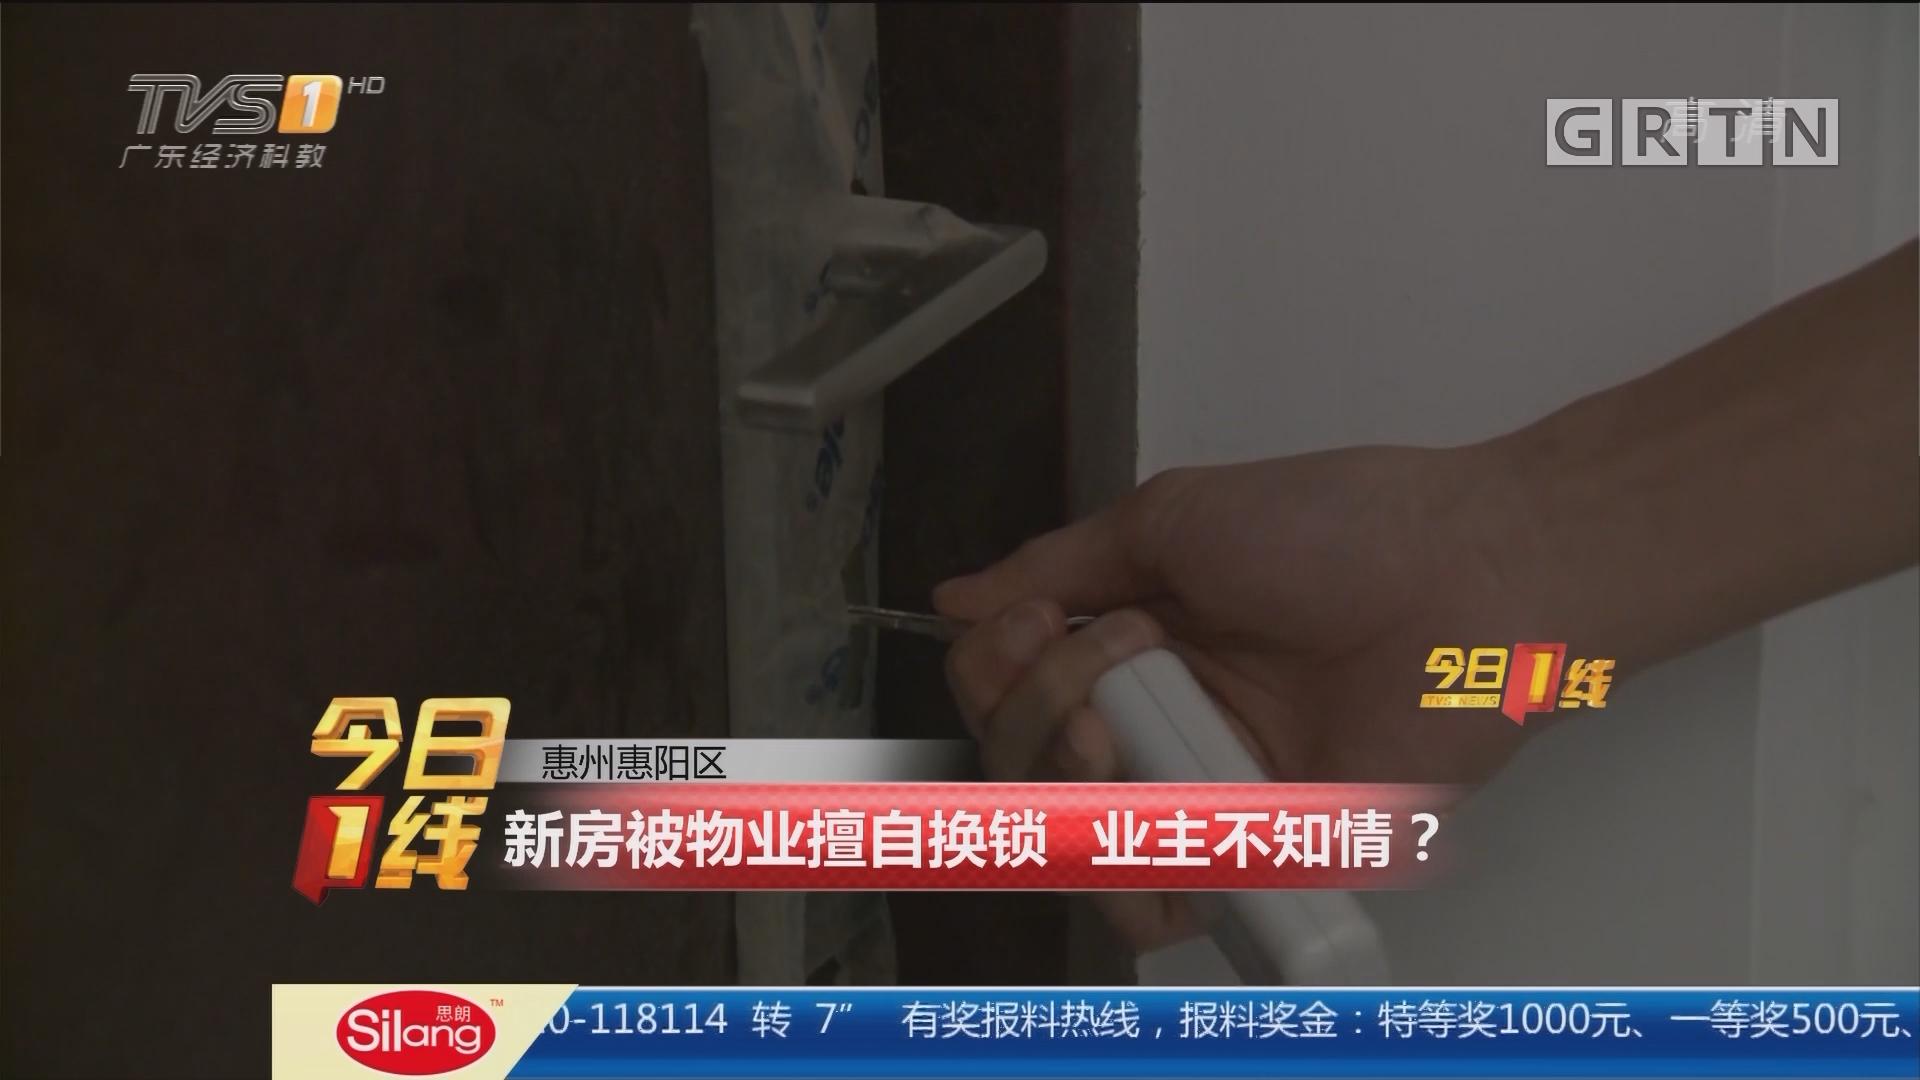 惠州惠阳区:新房被物业擅自换锁 业主不知情?